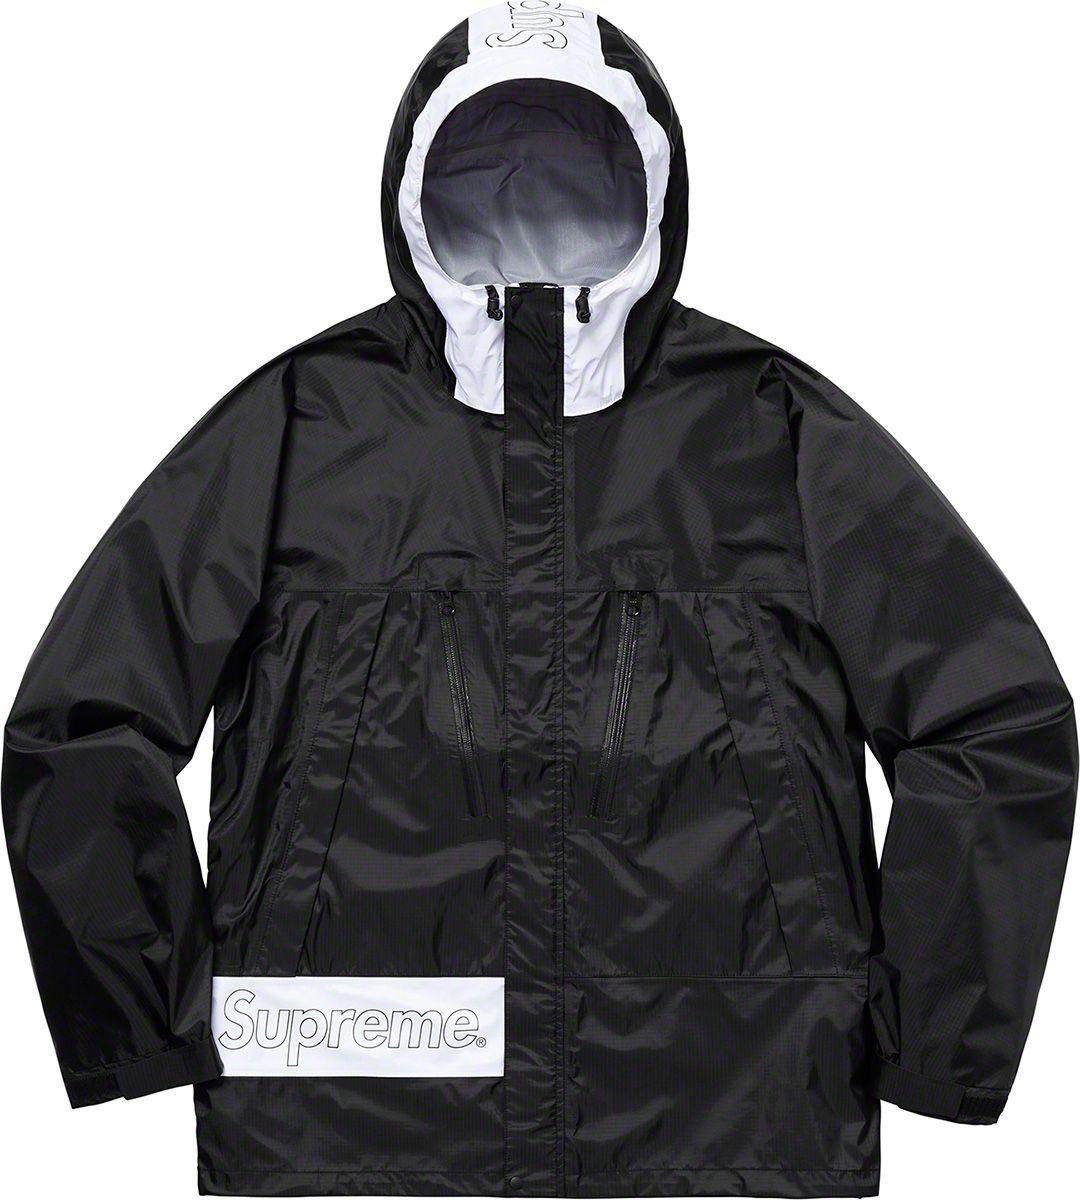 Agkdfkidhso Leather Varsity Jackets Jackets Buffalo Plaid Shirt